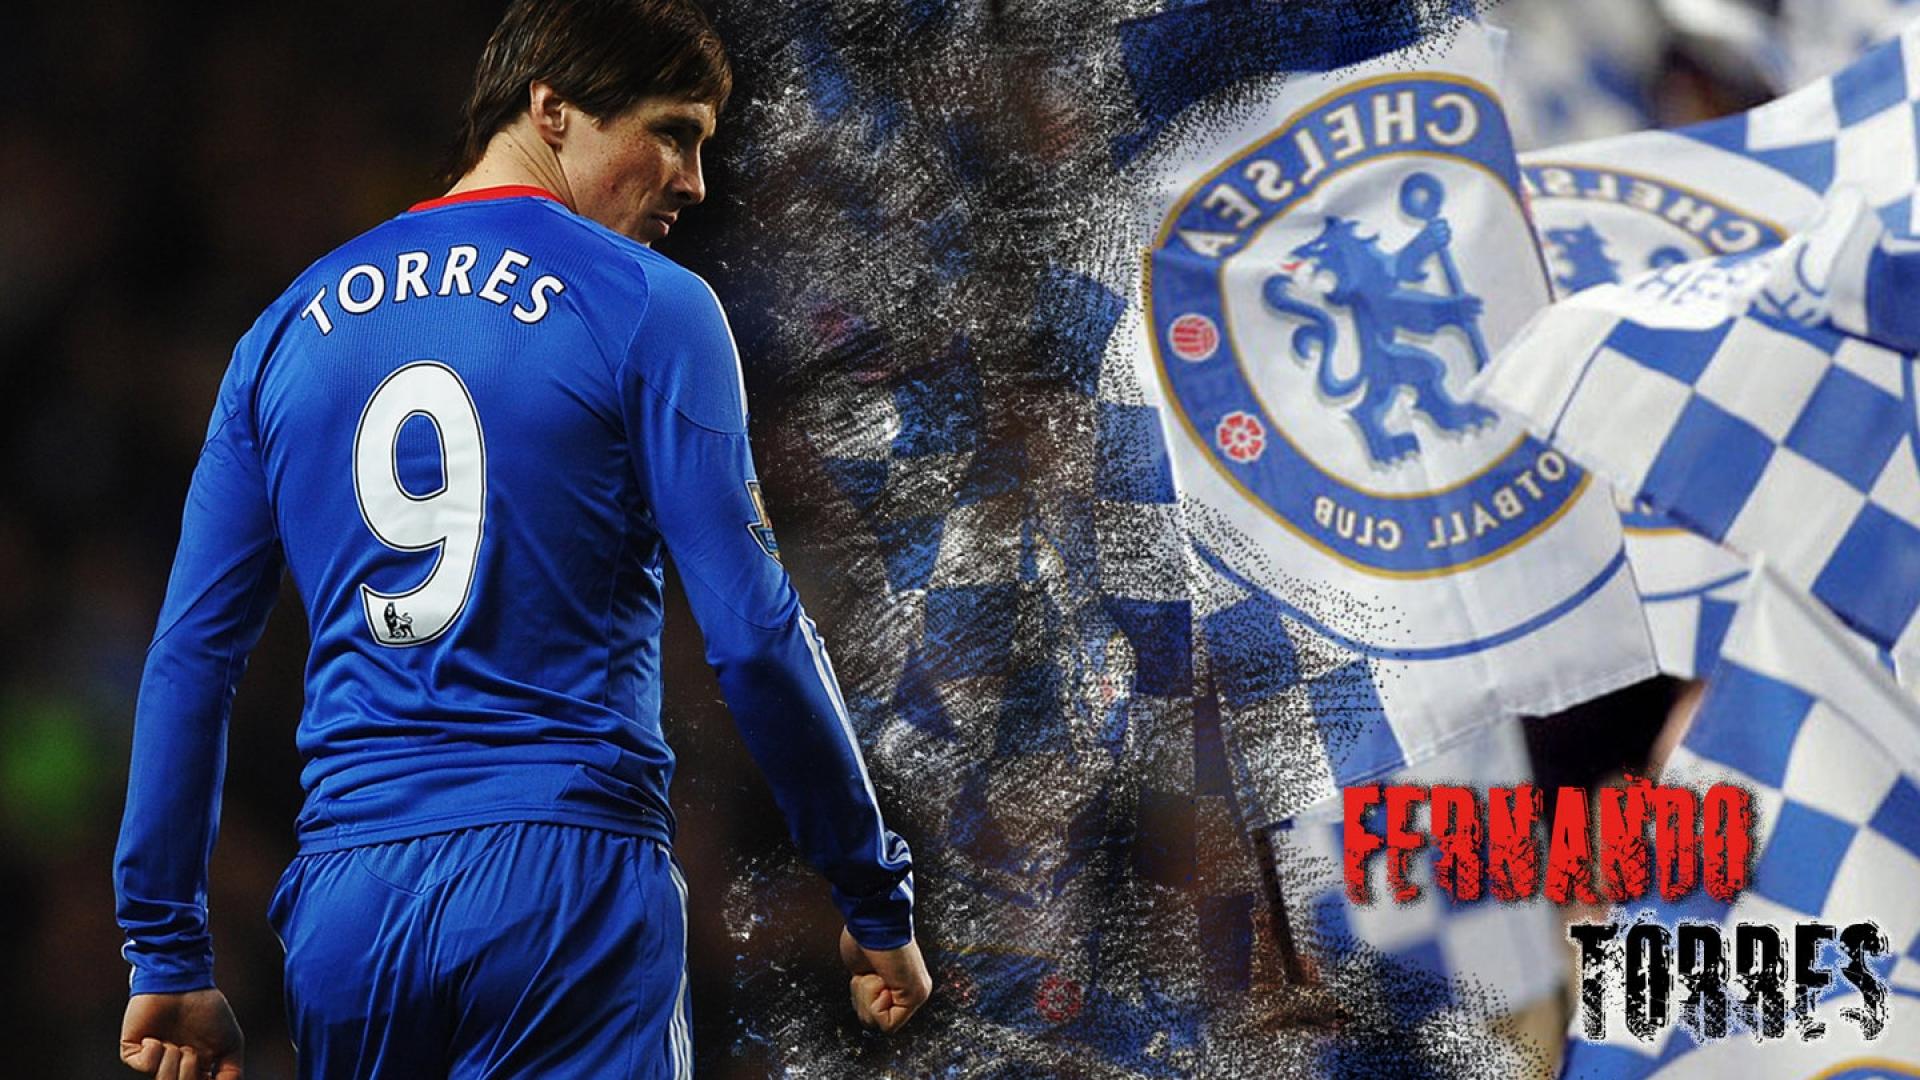 Chelsea-Torres-Player-Wallpaper